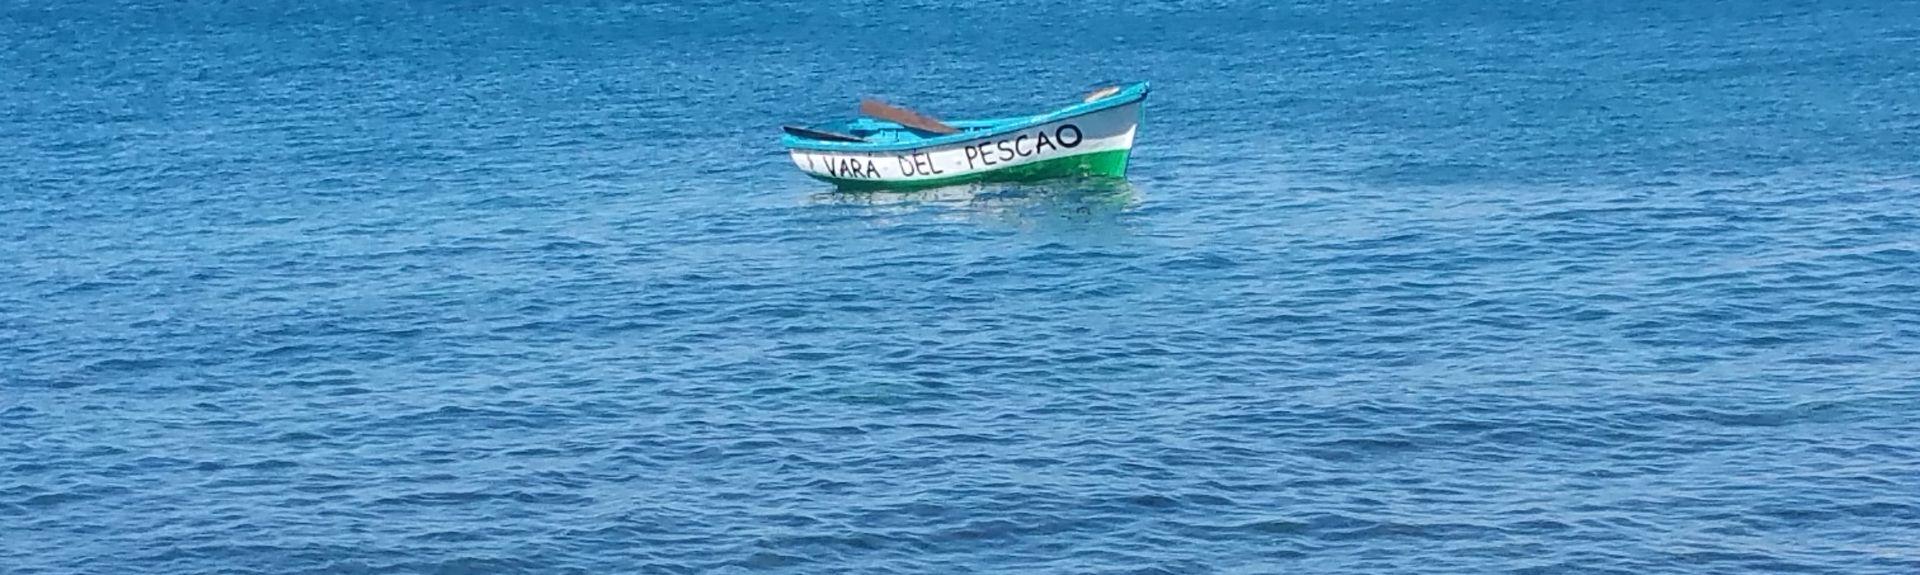 Aldea Blanca, Provincia de Las Palmas, Canarias, España